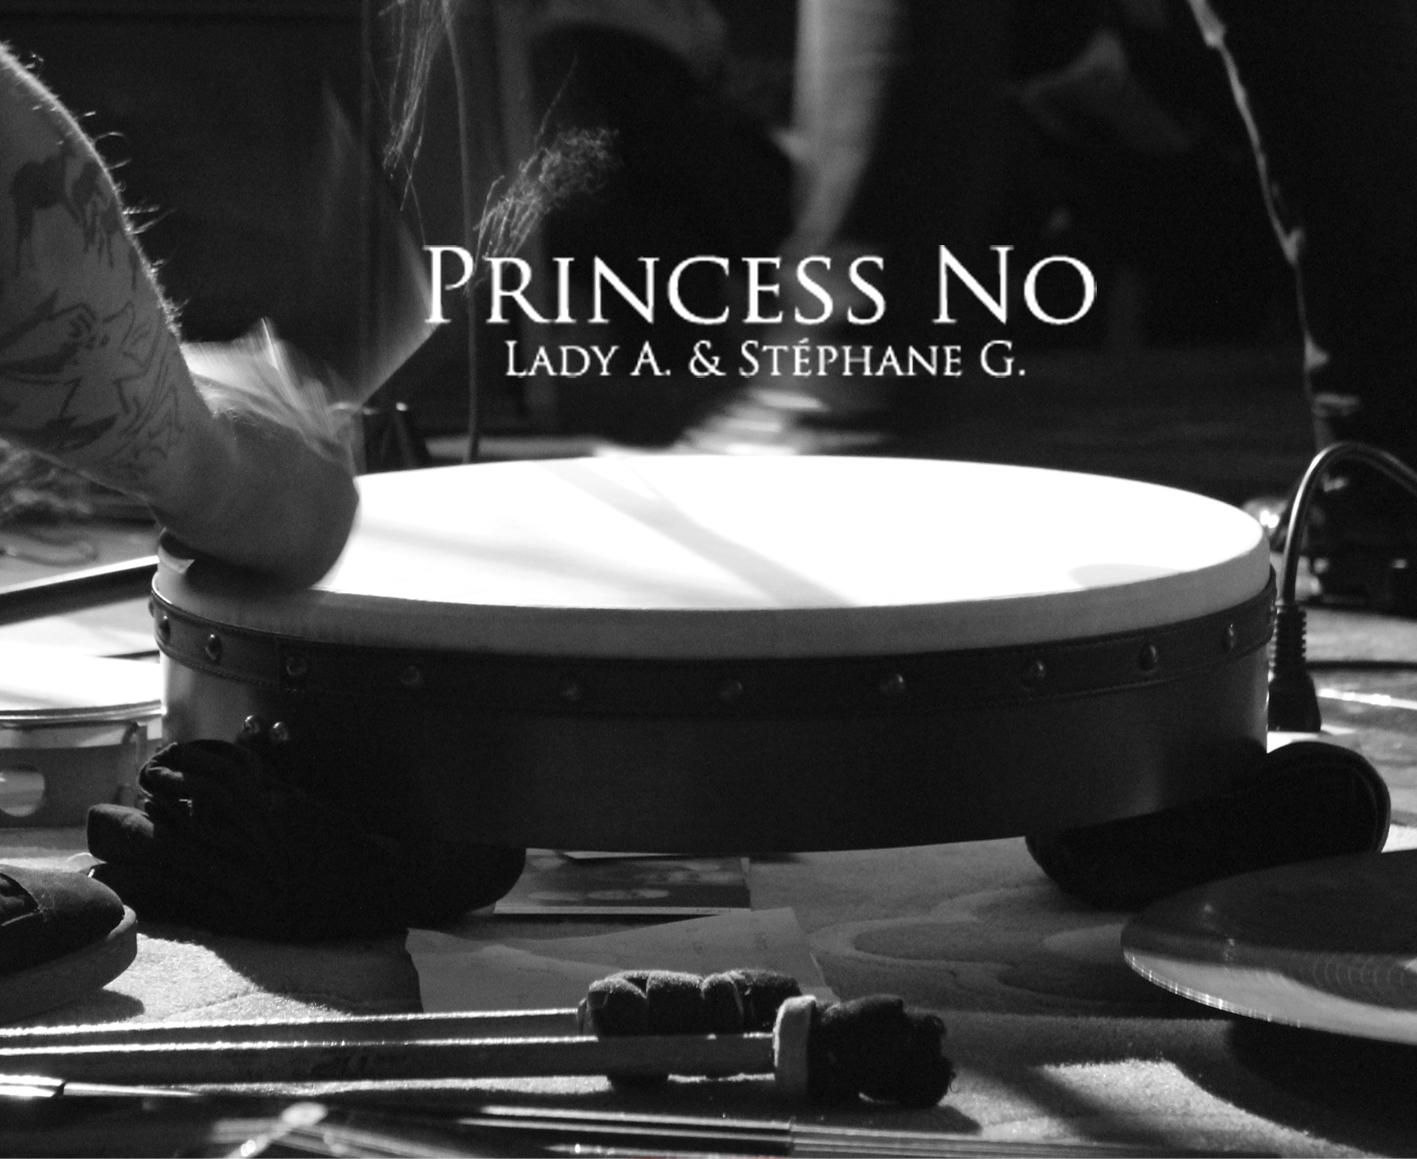 Princess No